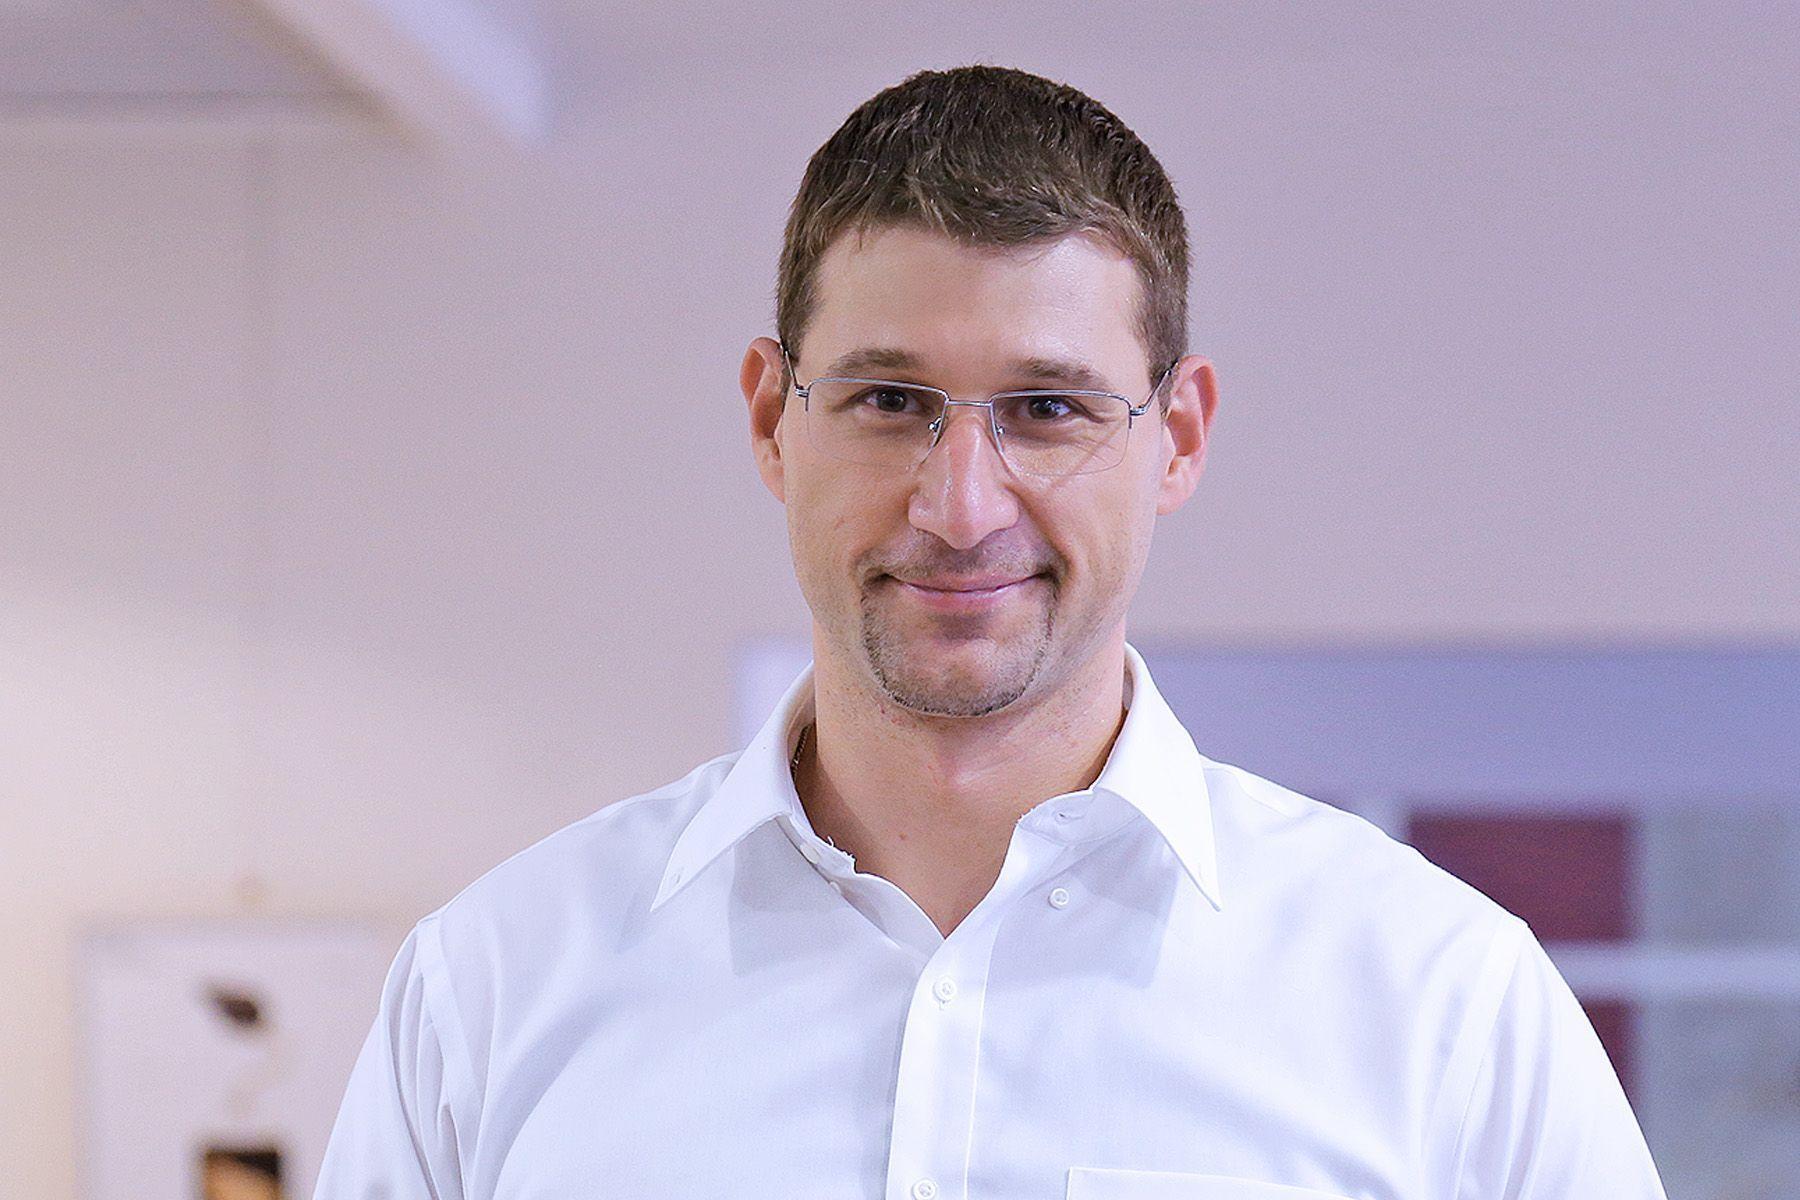 Андрей Голобоков: во ВГУЭС учат по международным стандартам